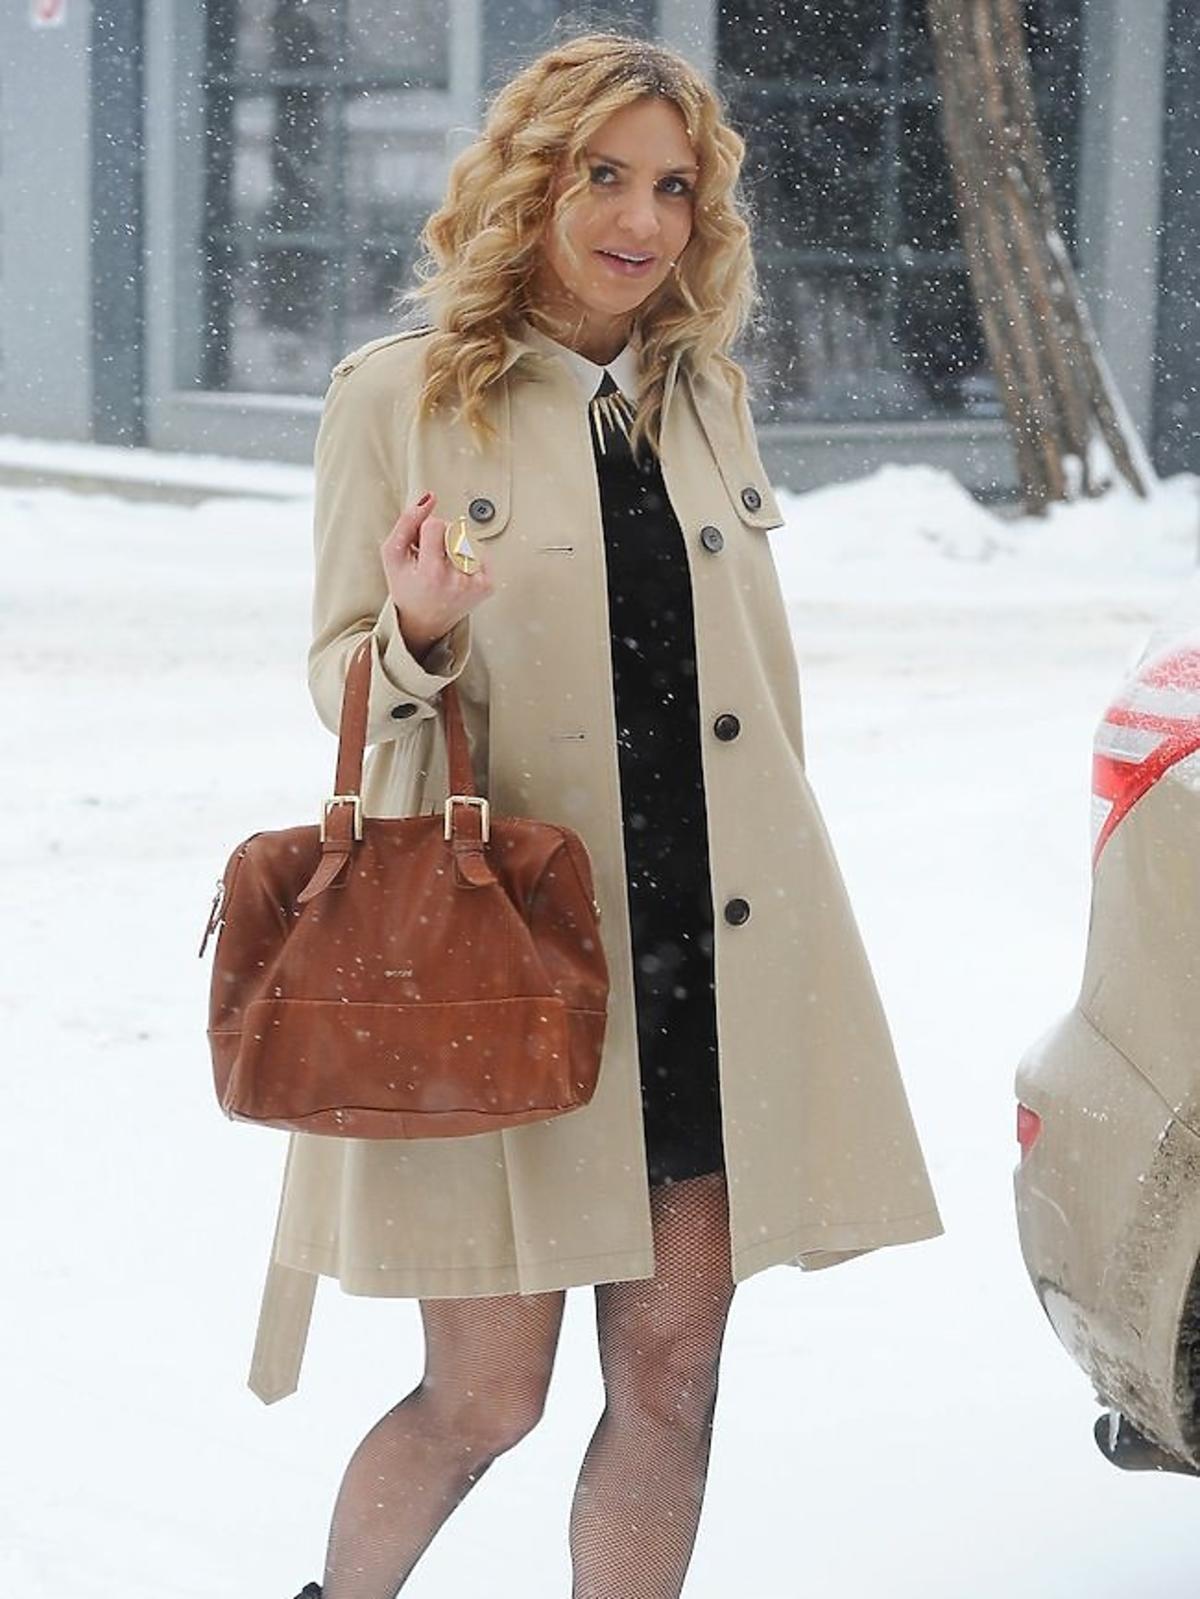 Maja Frykowska w Warszawie w szpilkach po śniegu